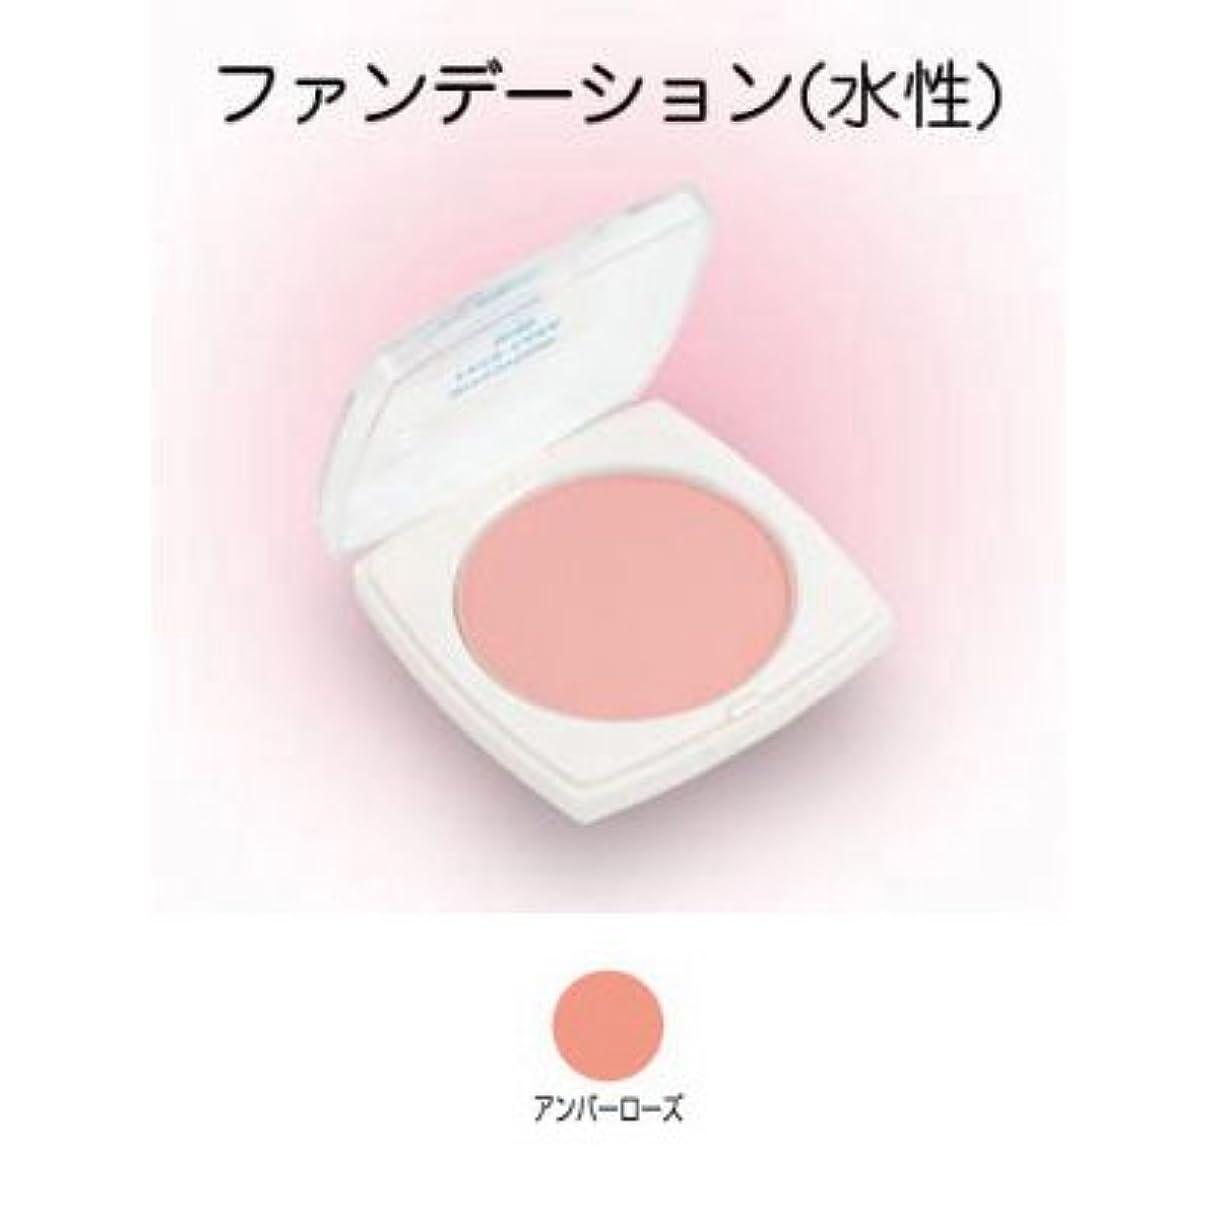 辞書プリーツ愛国的なフェースケーキ ミニ 17g アンバーローズ 【三善】